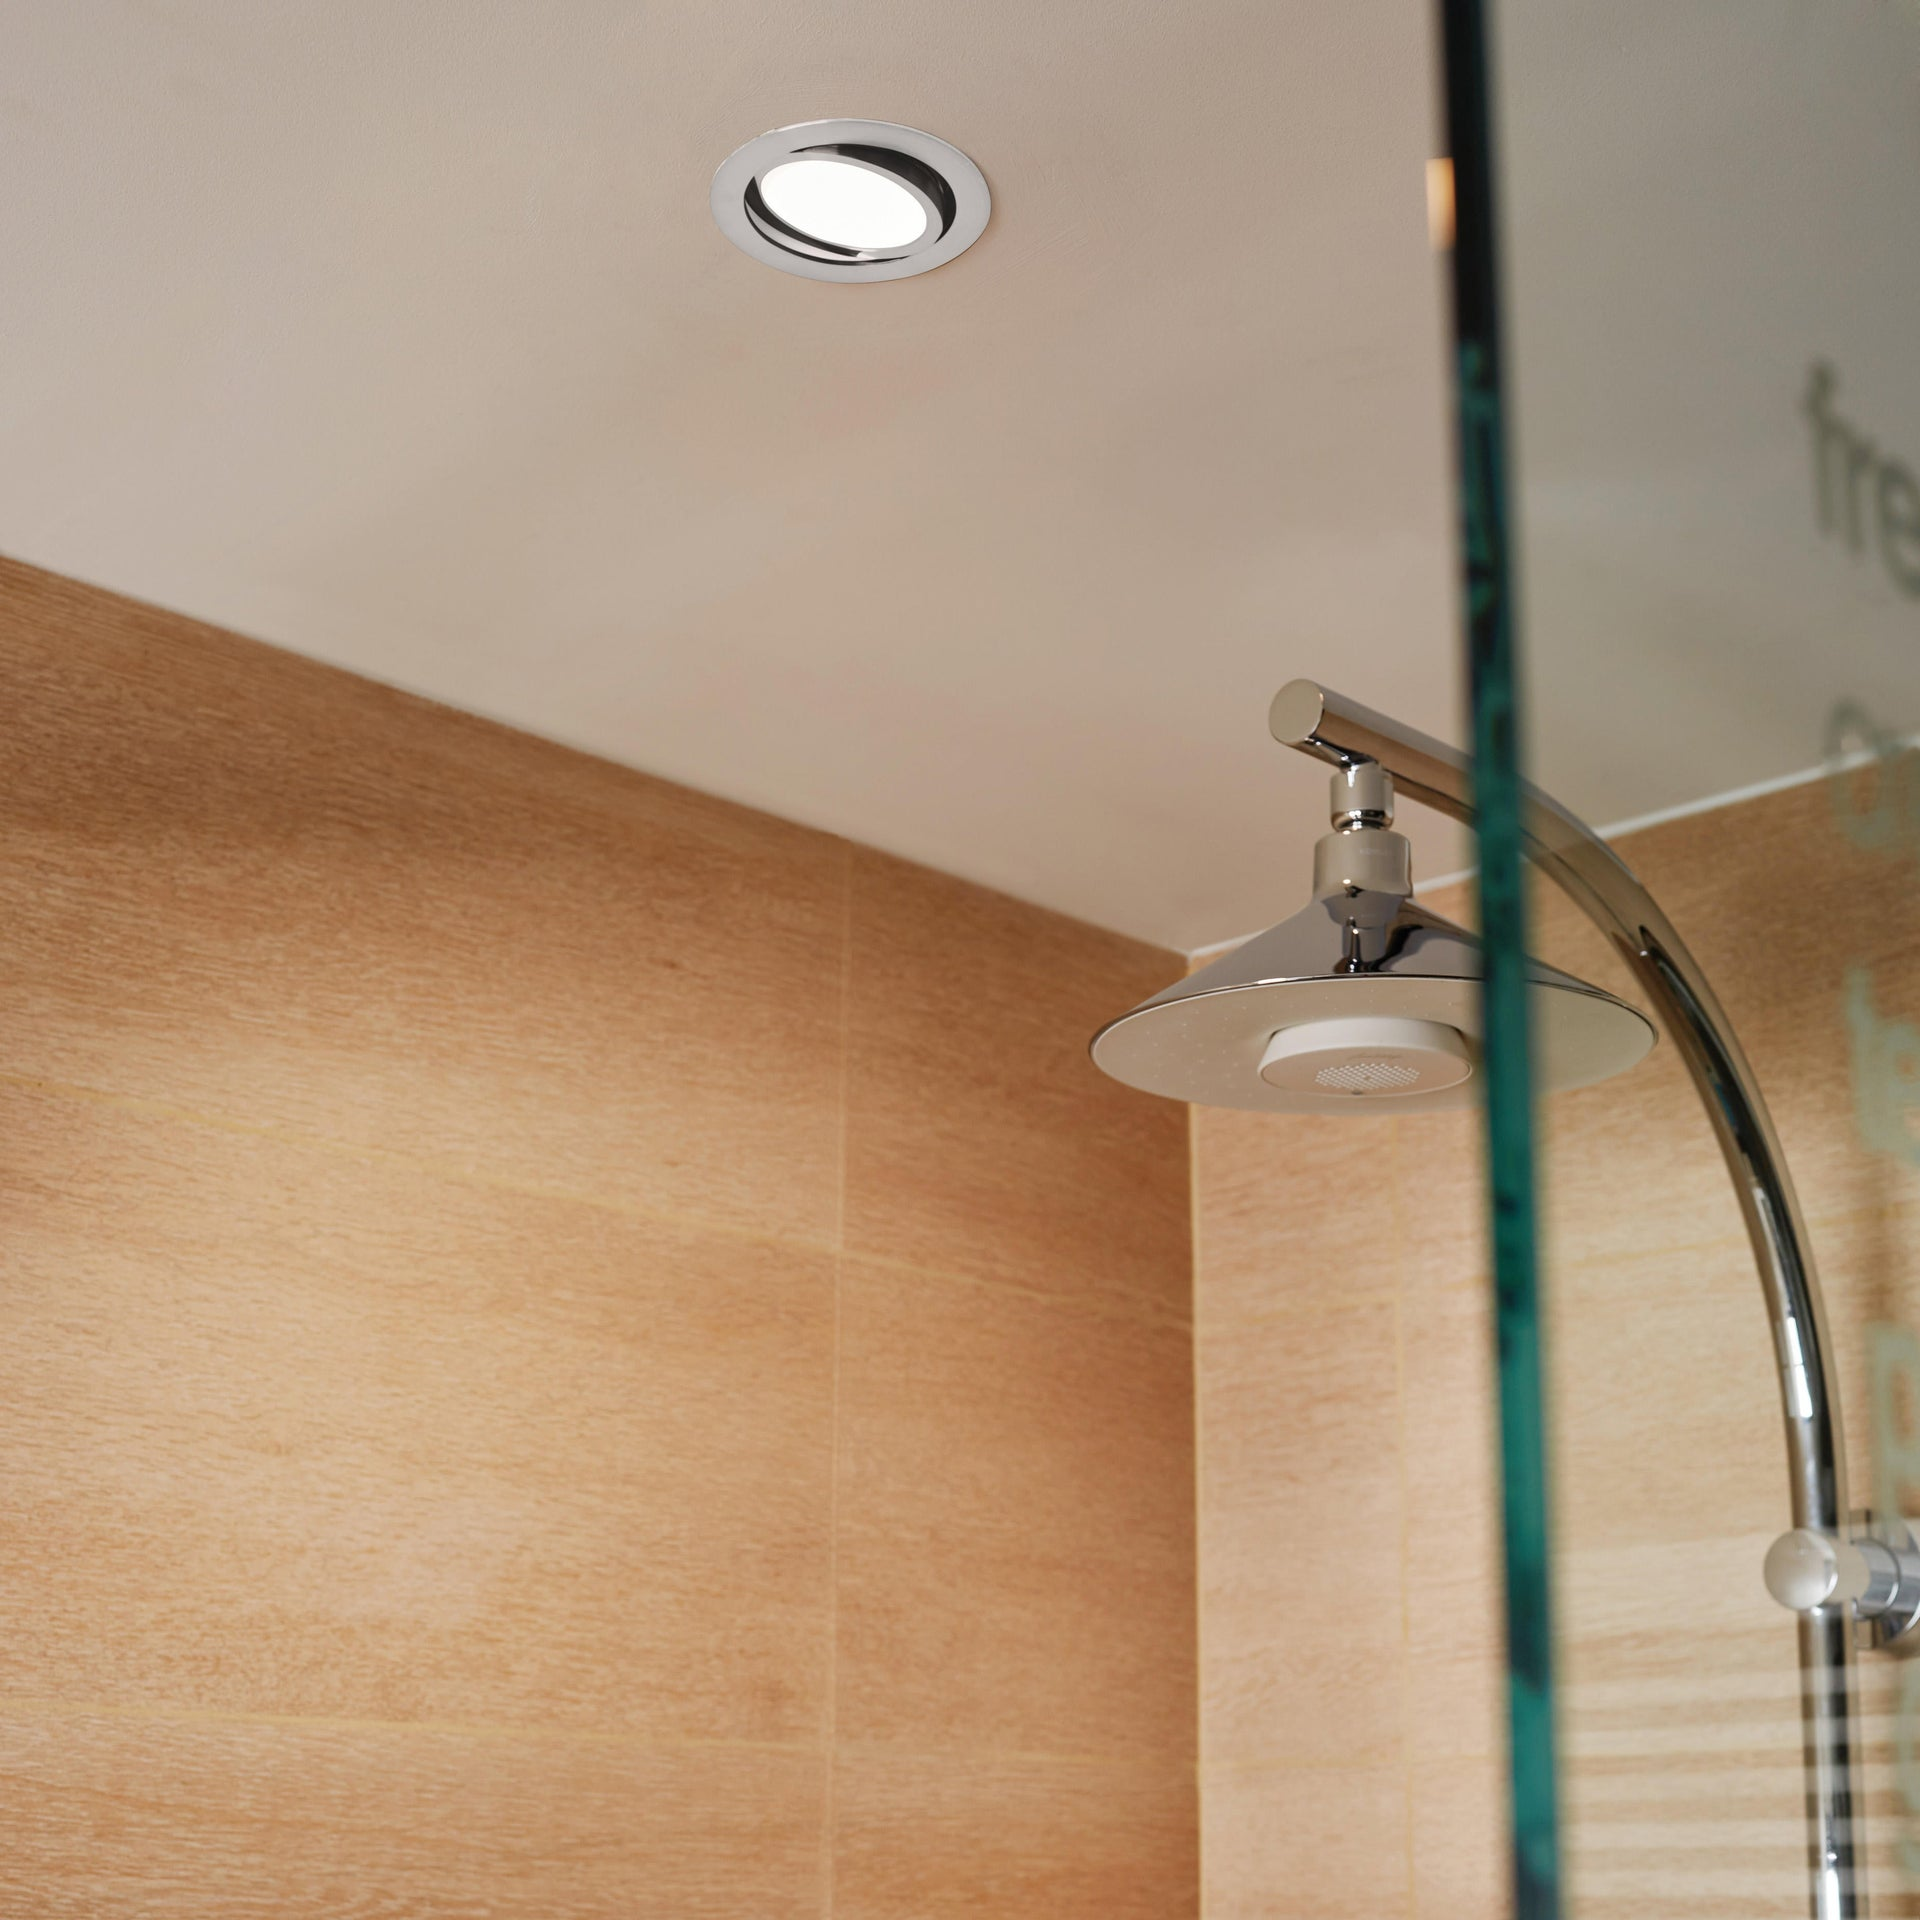 Faretto orientabile da incasso tondo Lindi in Alluminio bianco, diam. 9 cm LED integrato 500LM IP65 INSPIRE - 1